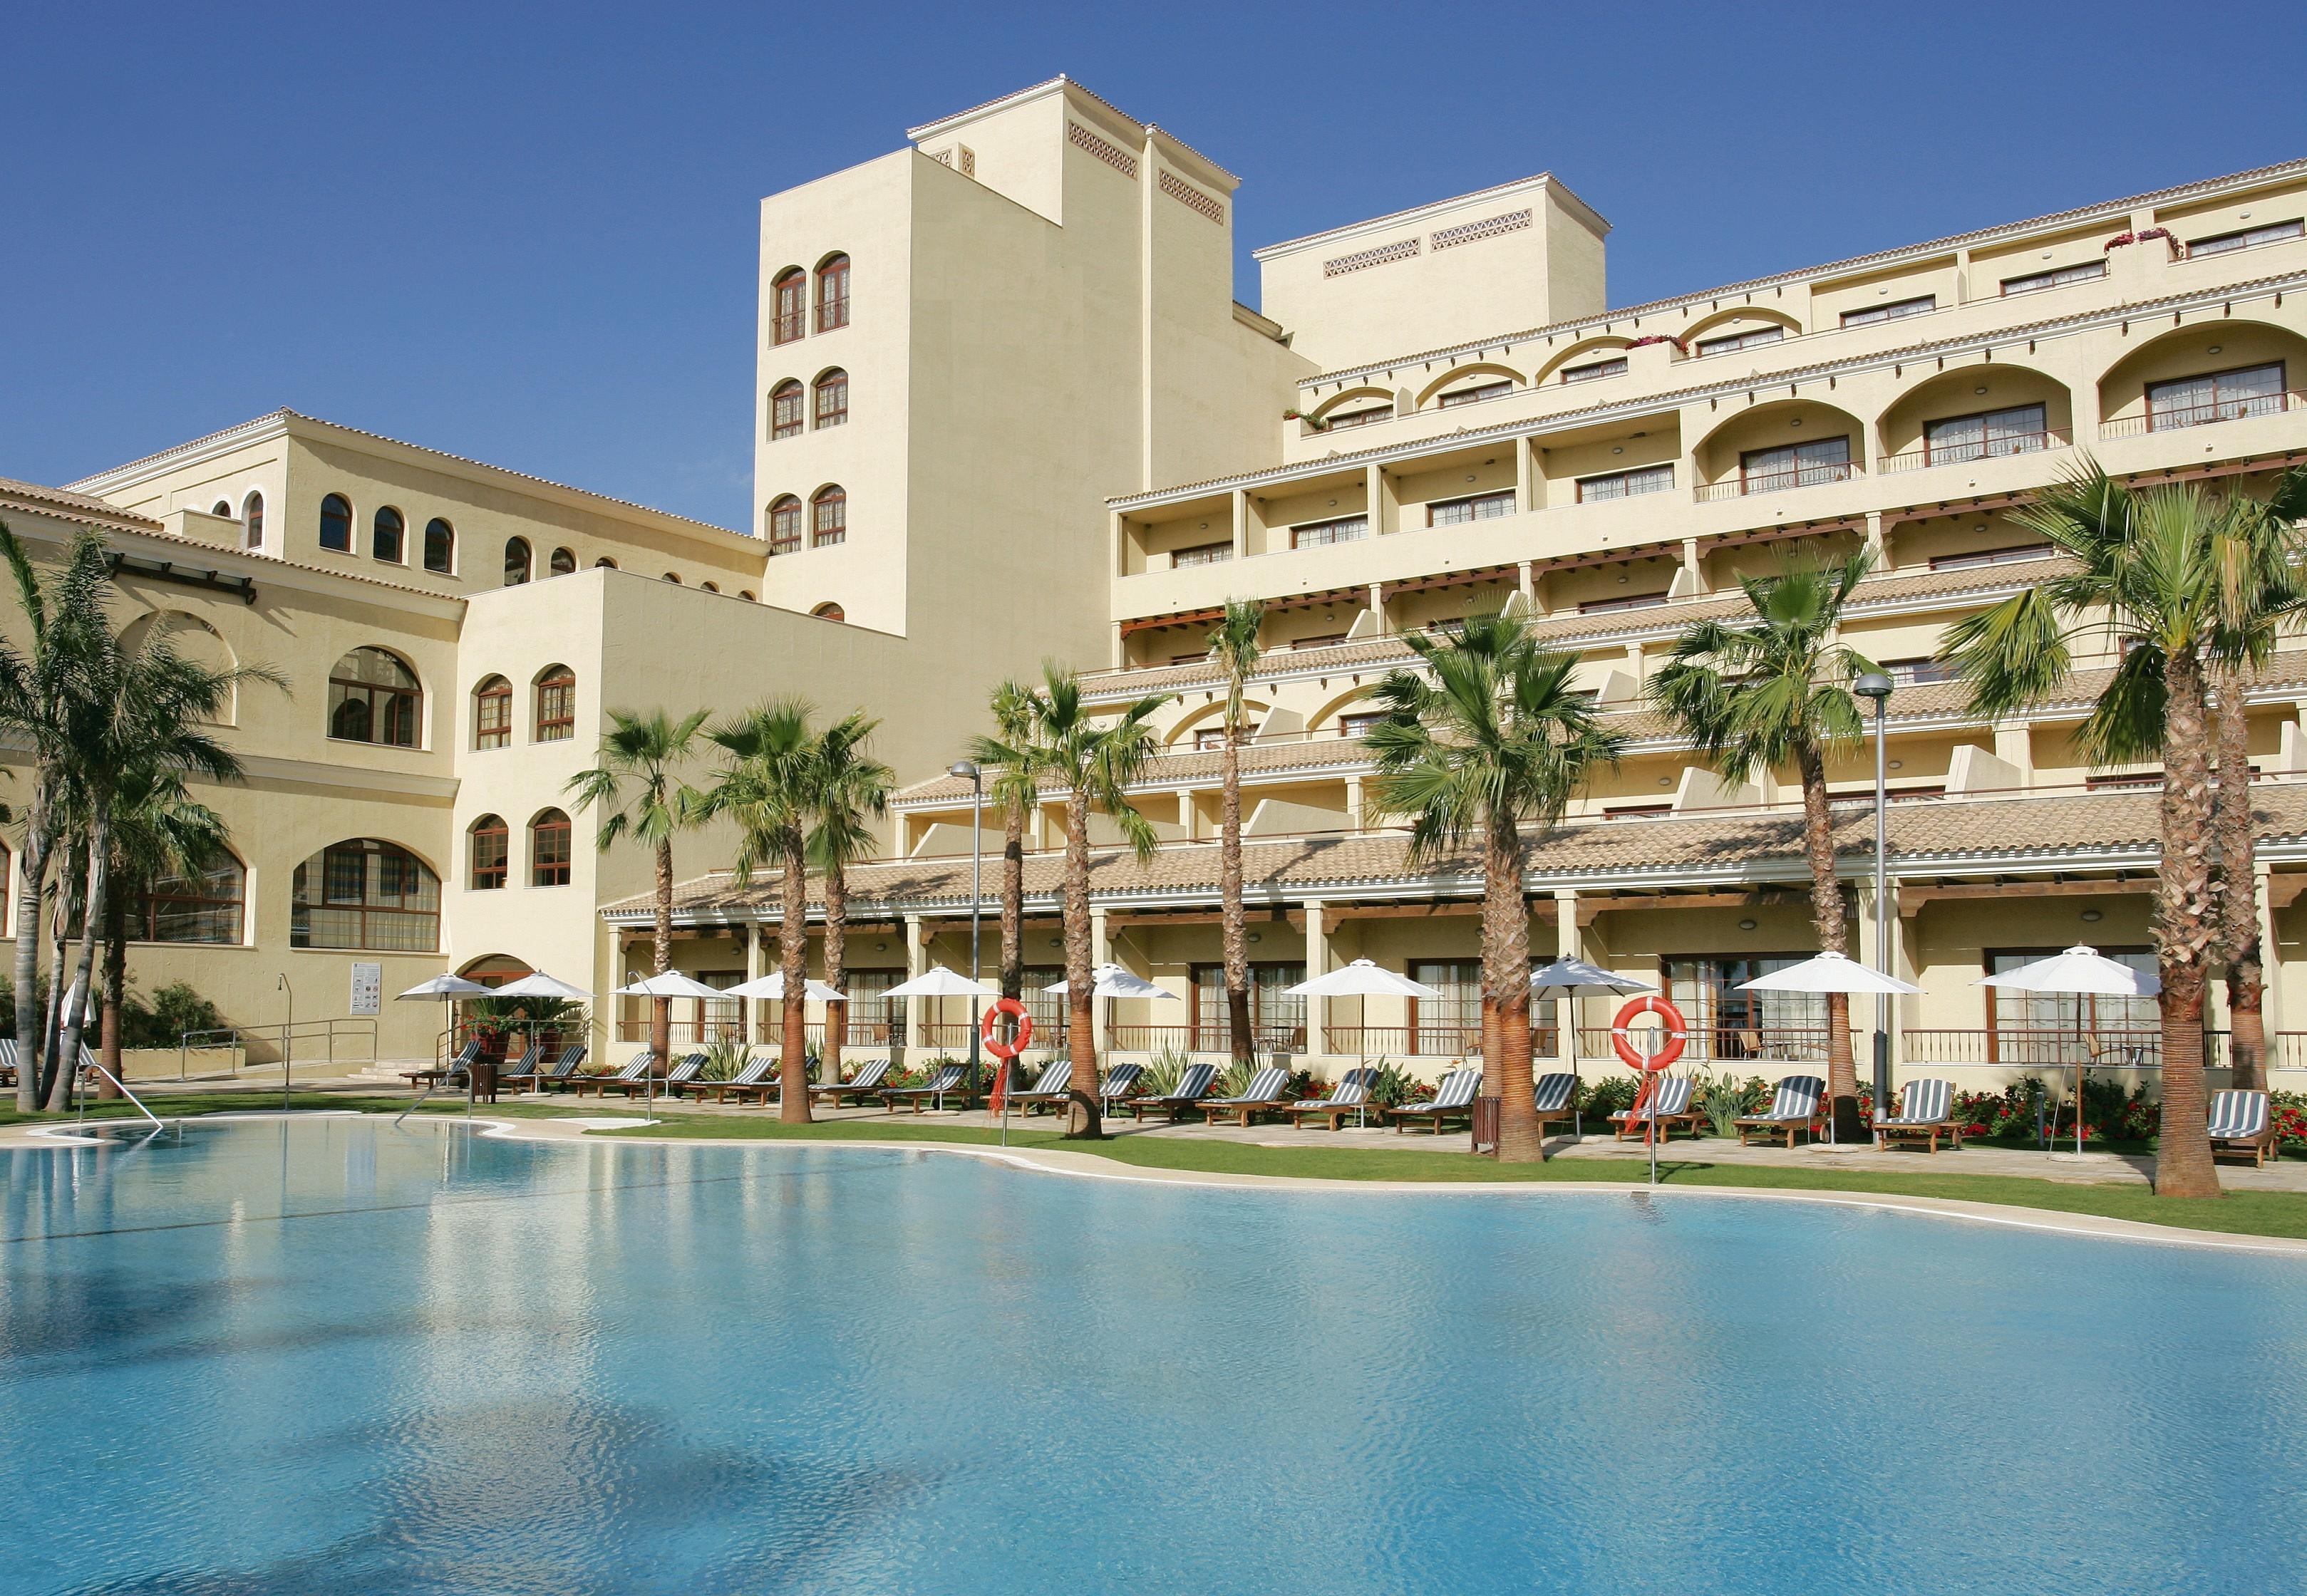 Viajar con ni os ellos se divierten t descansas viaja for Hoteles con piscina en almeria